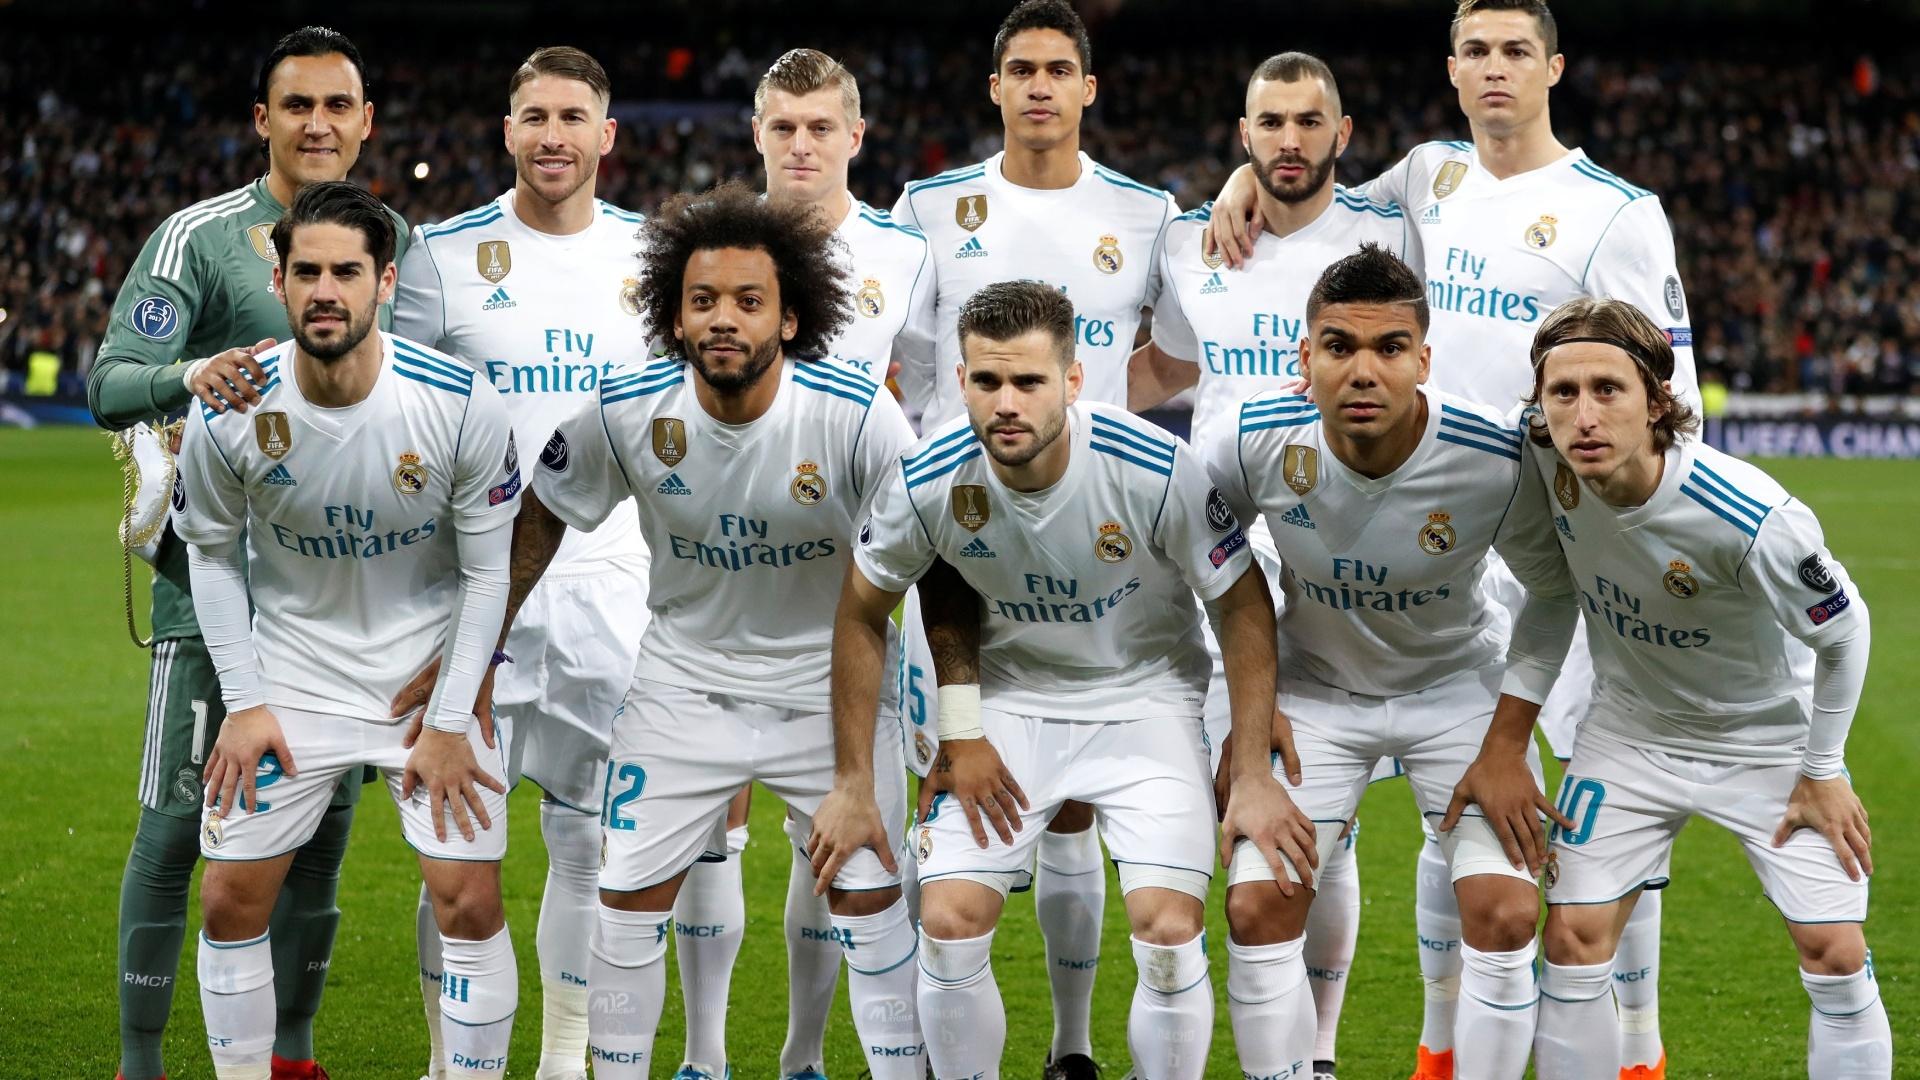 Real Madrid começou com Keylor Navas; Sergio Ramos, Varane, Nacho e Marcelo; Casemiro, Kroos e Modric; Isco, Benzema e Cristiano Ronaldo.